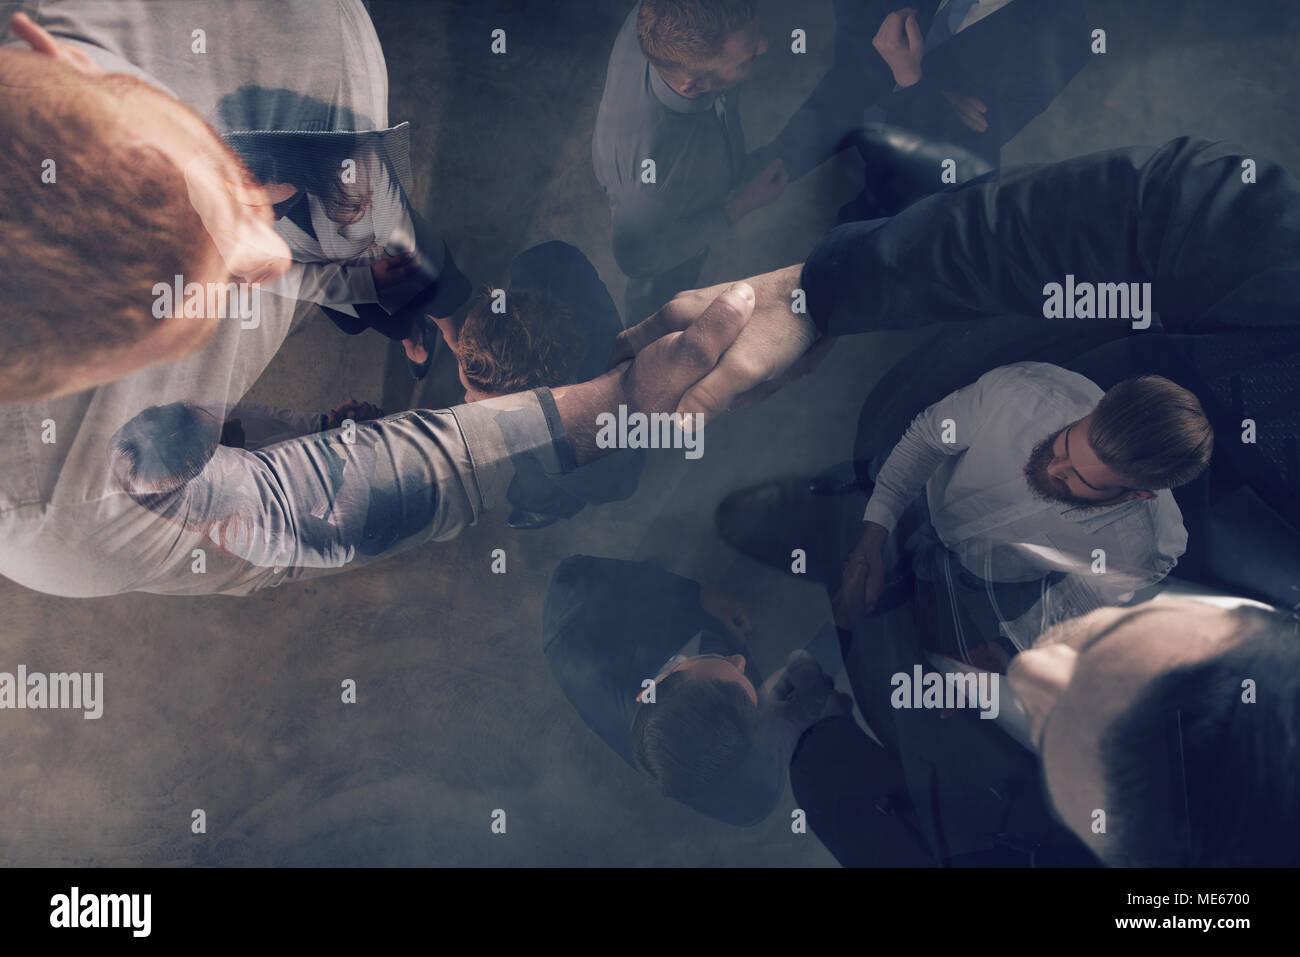 Handshaking persona de negocios en la oficina. El concepto de trabajo en equipo y colaboración con doble exposición. Imagen De Stock